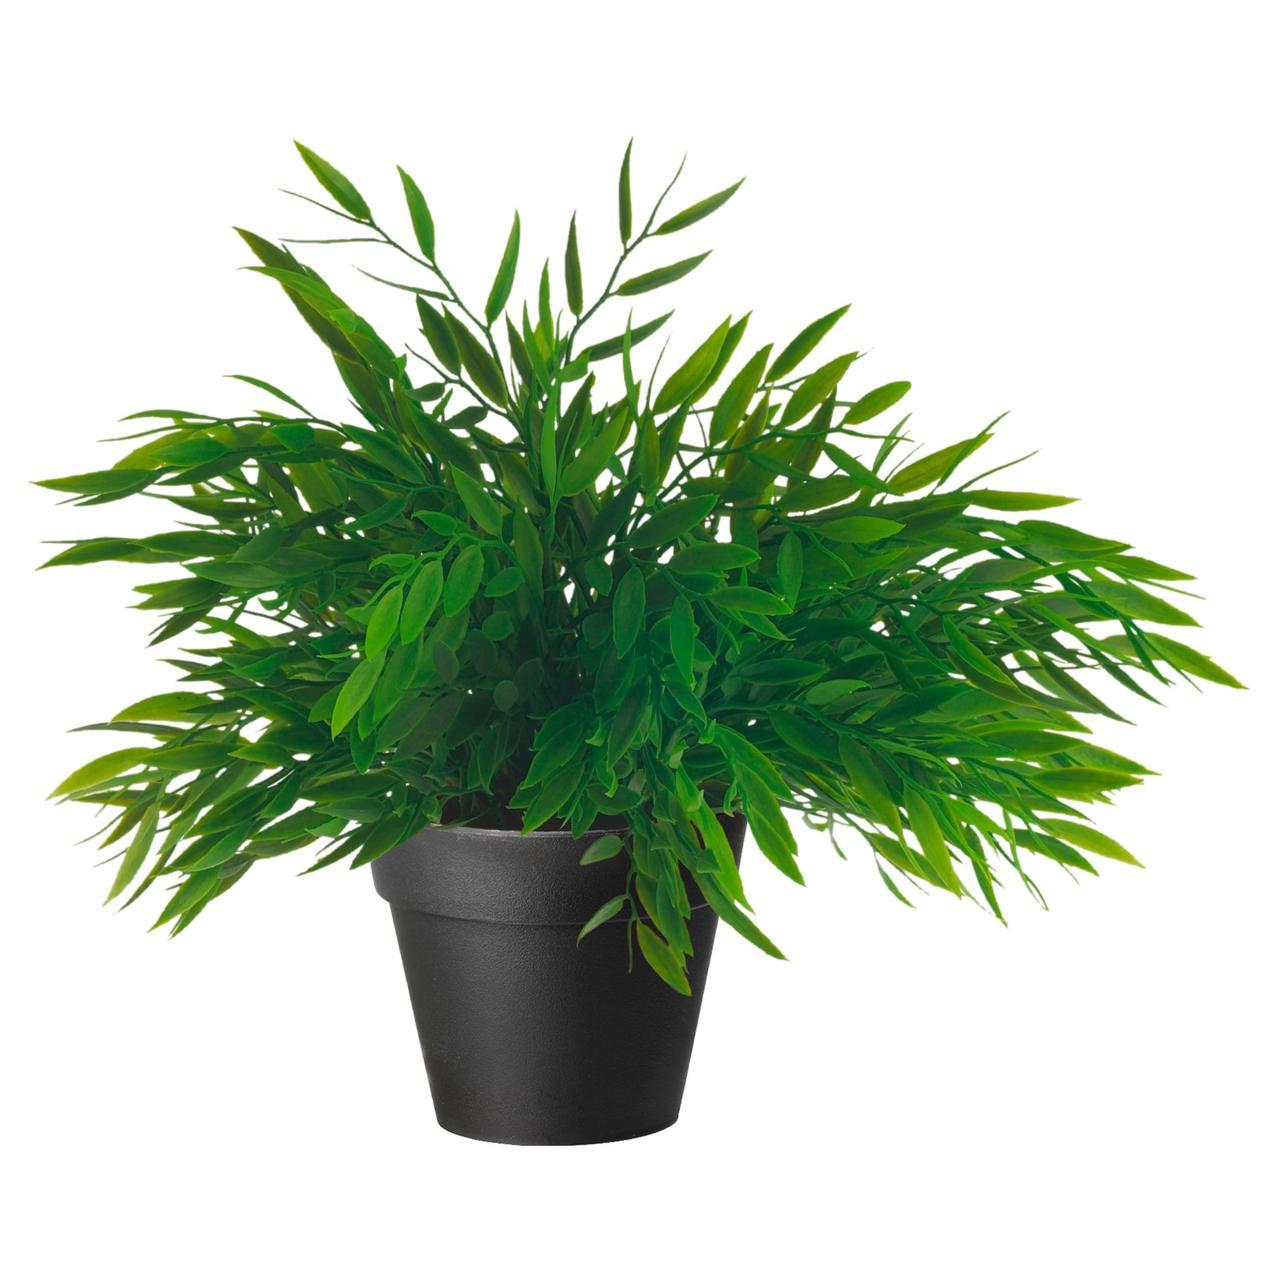 ФЕЙКА Искусственное растение в горшке, Комнатный бамбук